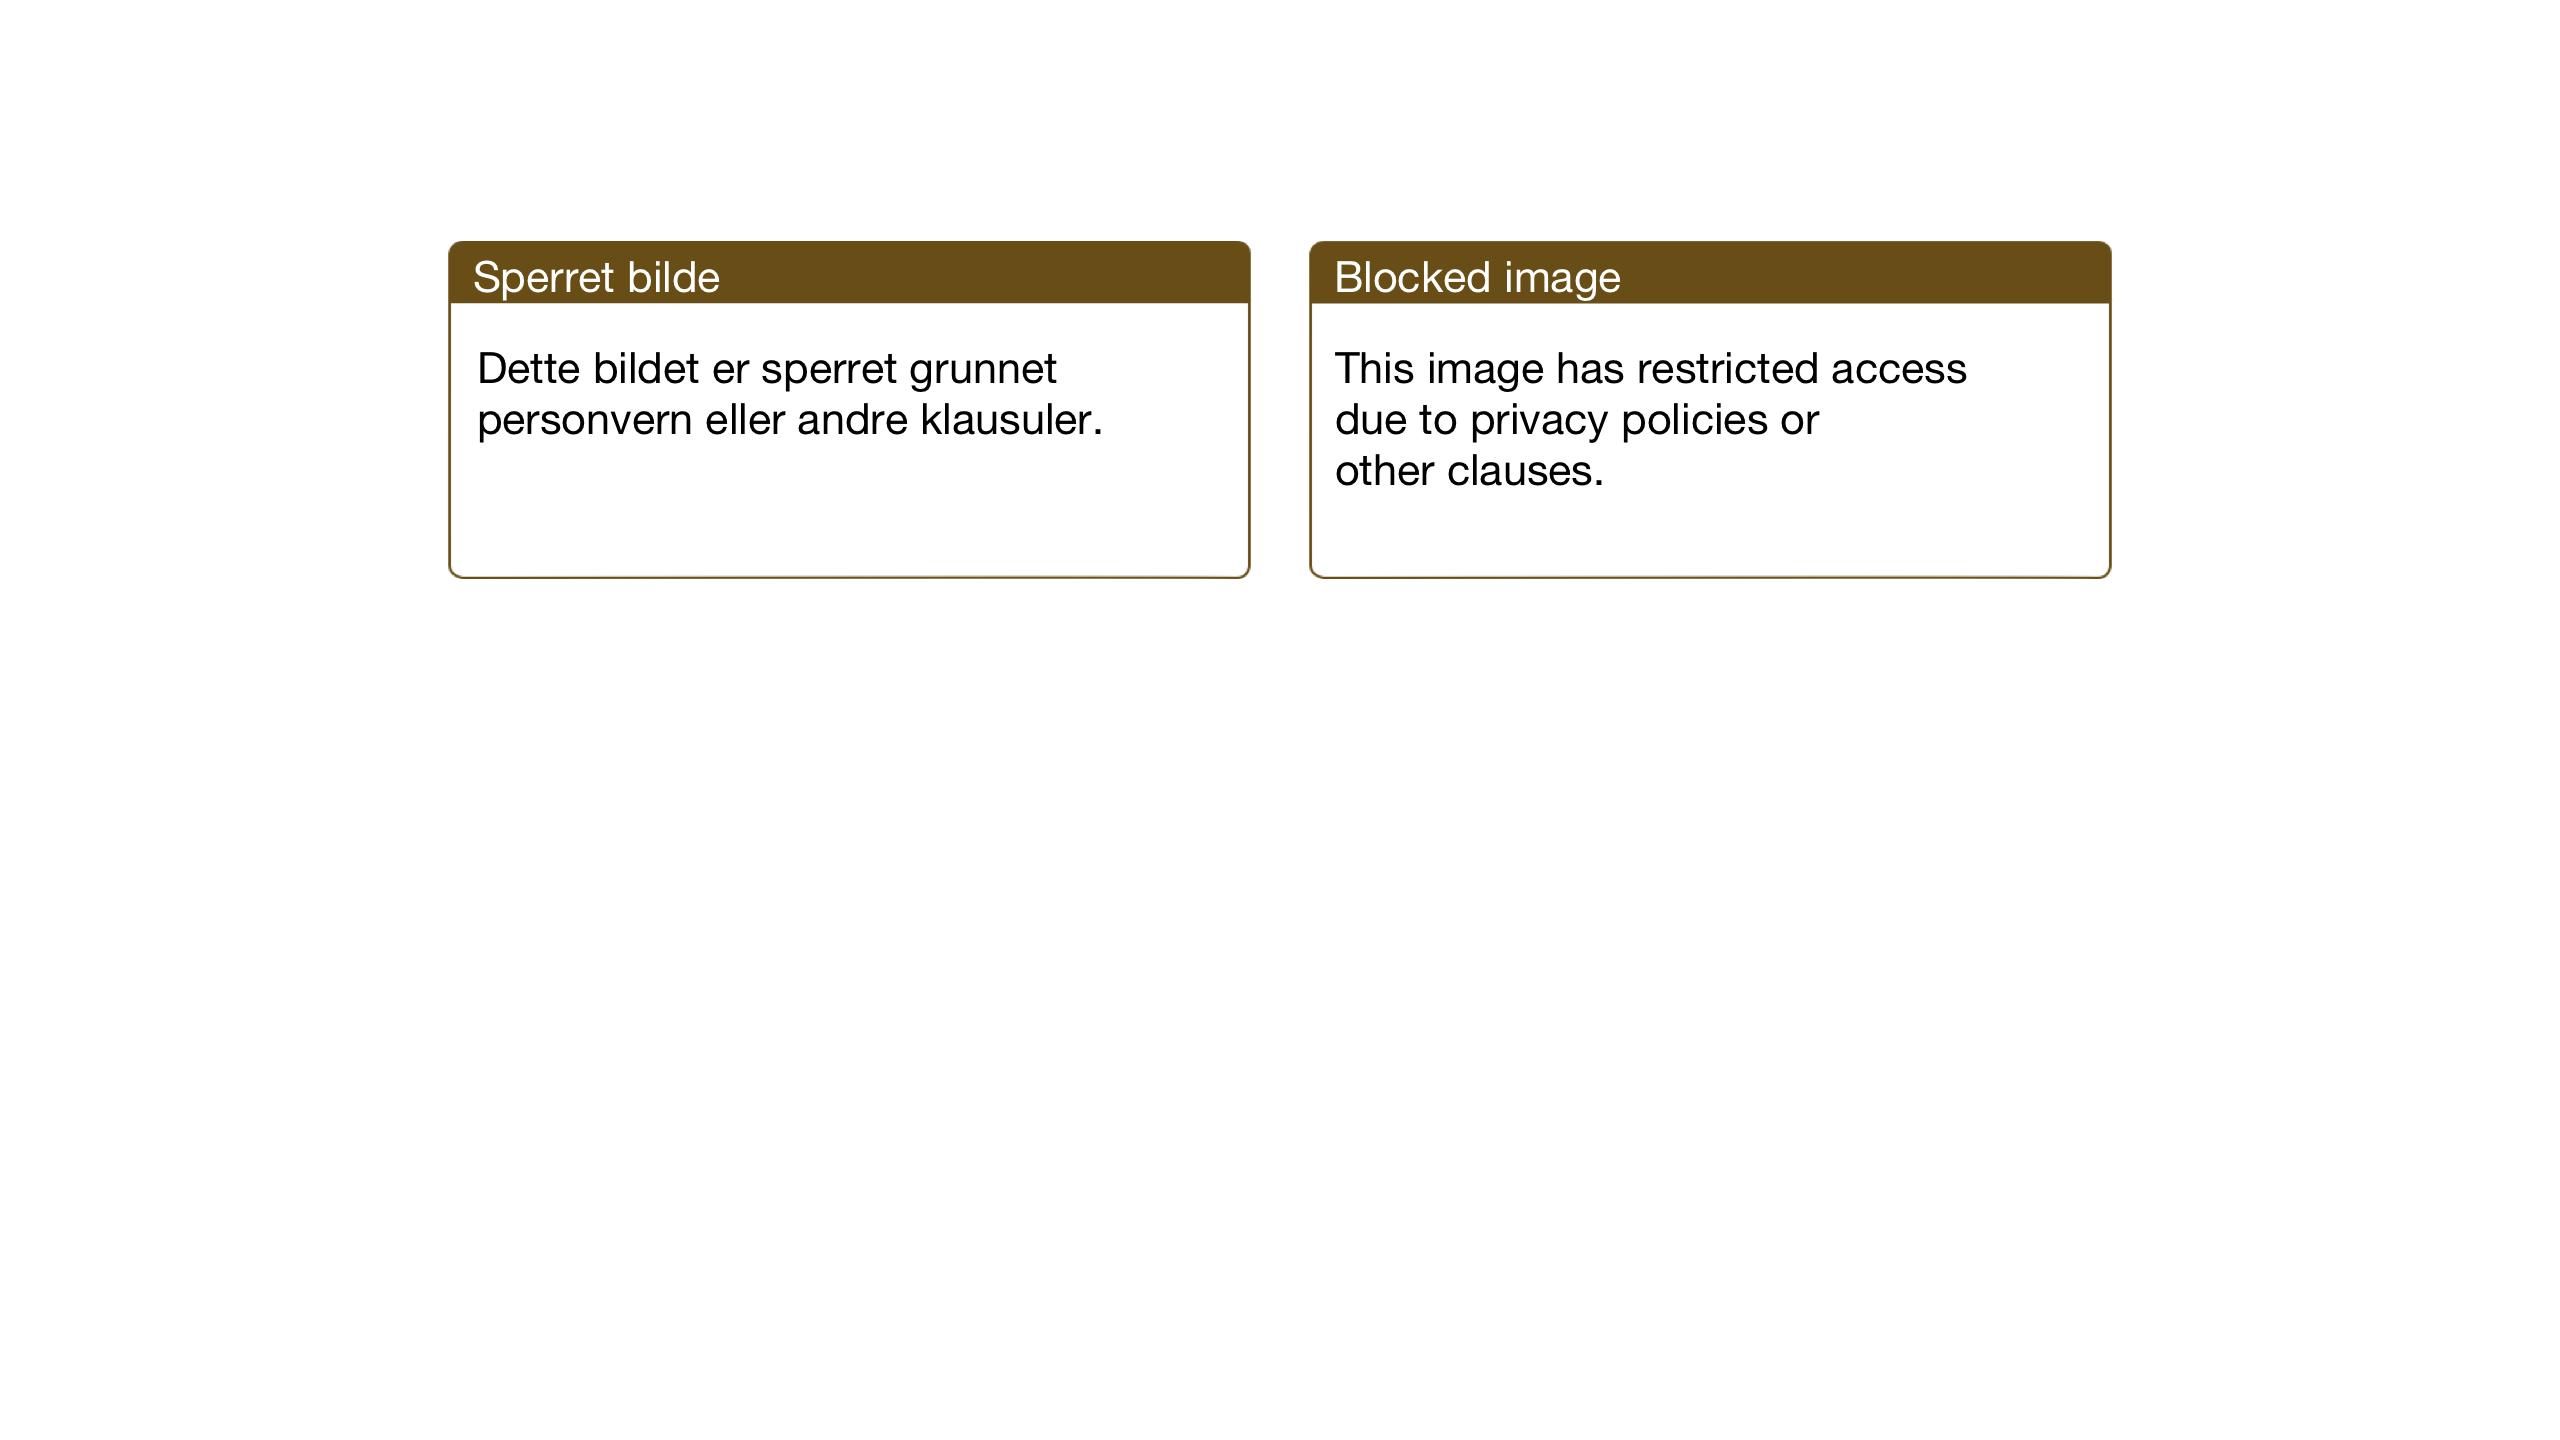 SAT, Ministerialprotokoller, klokkerbøker og fødselsregistre - Sør-Trøndelag, 651/L0648: Klokkerbok nr. 651C02, 1915-1945, s. 156